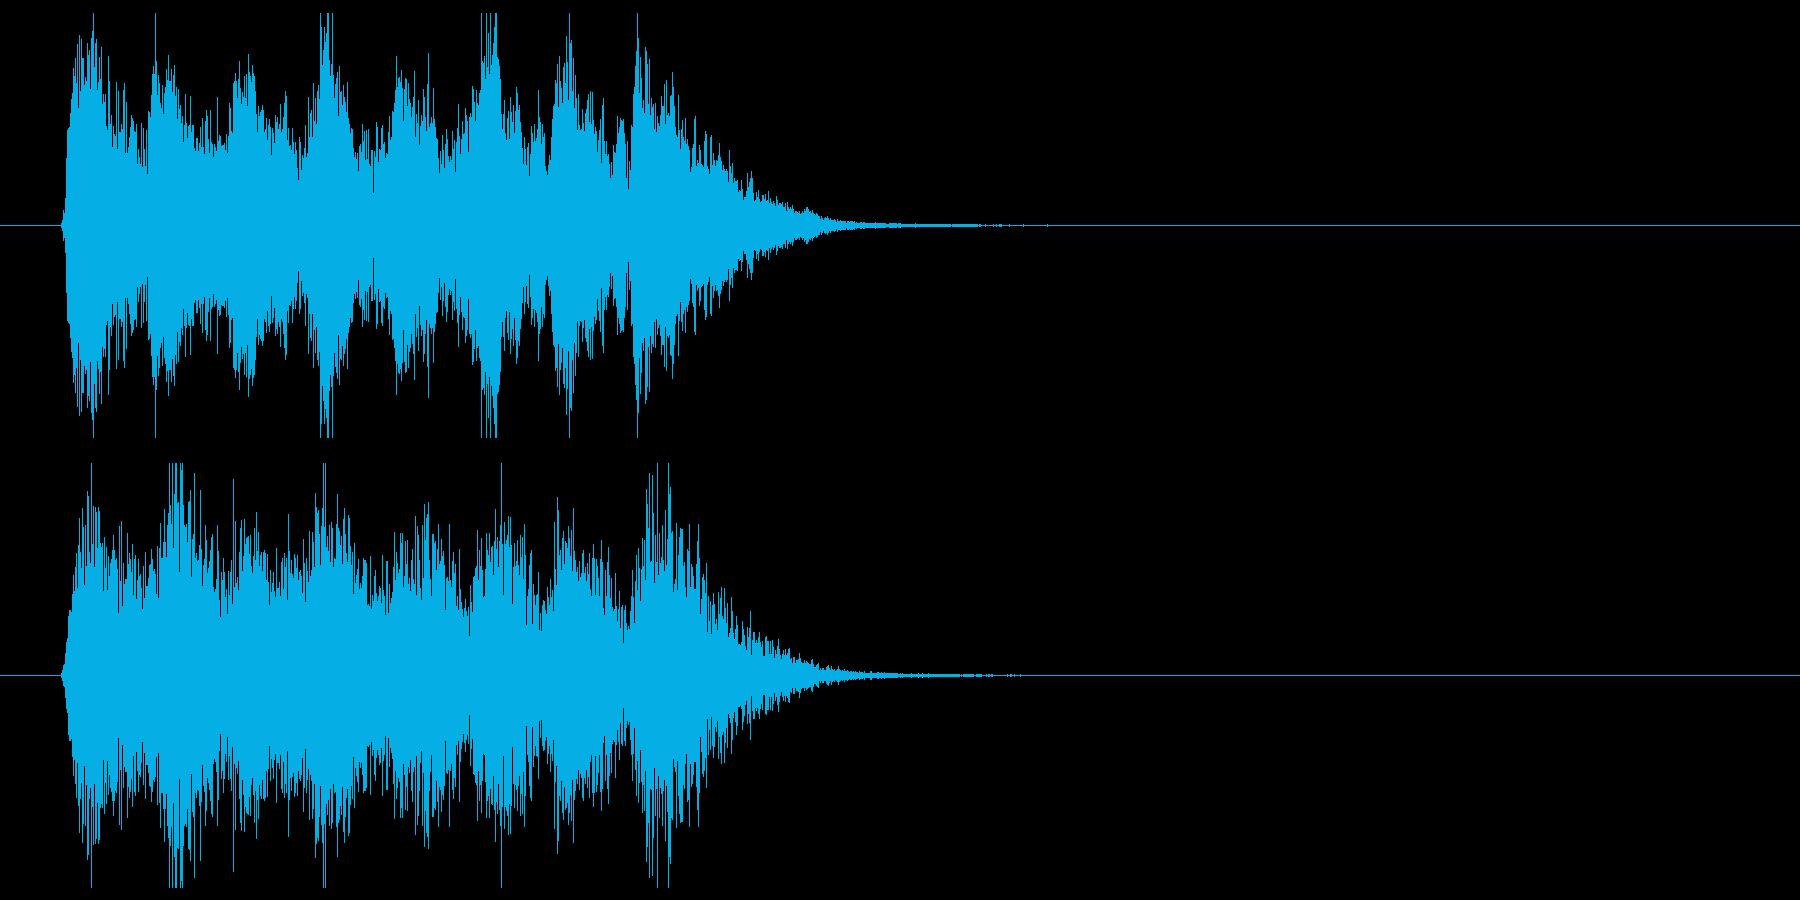 テンションコードのオーケストラジングルの再生済みの波形